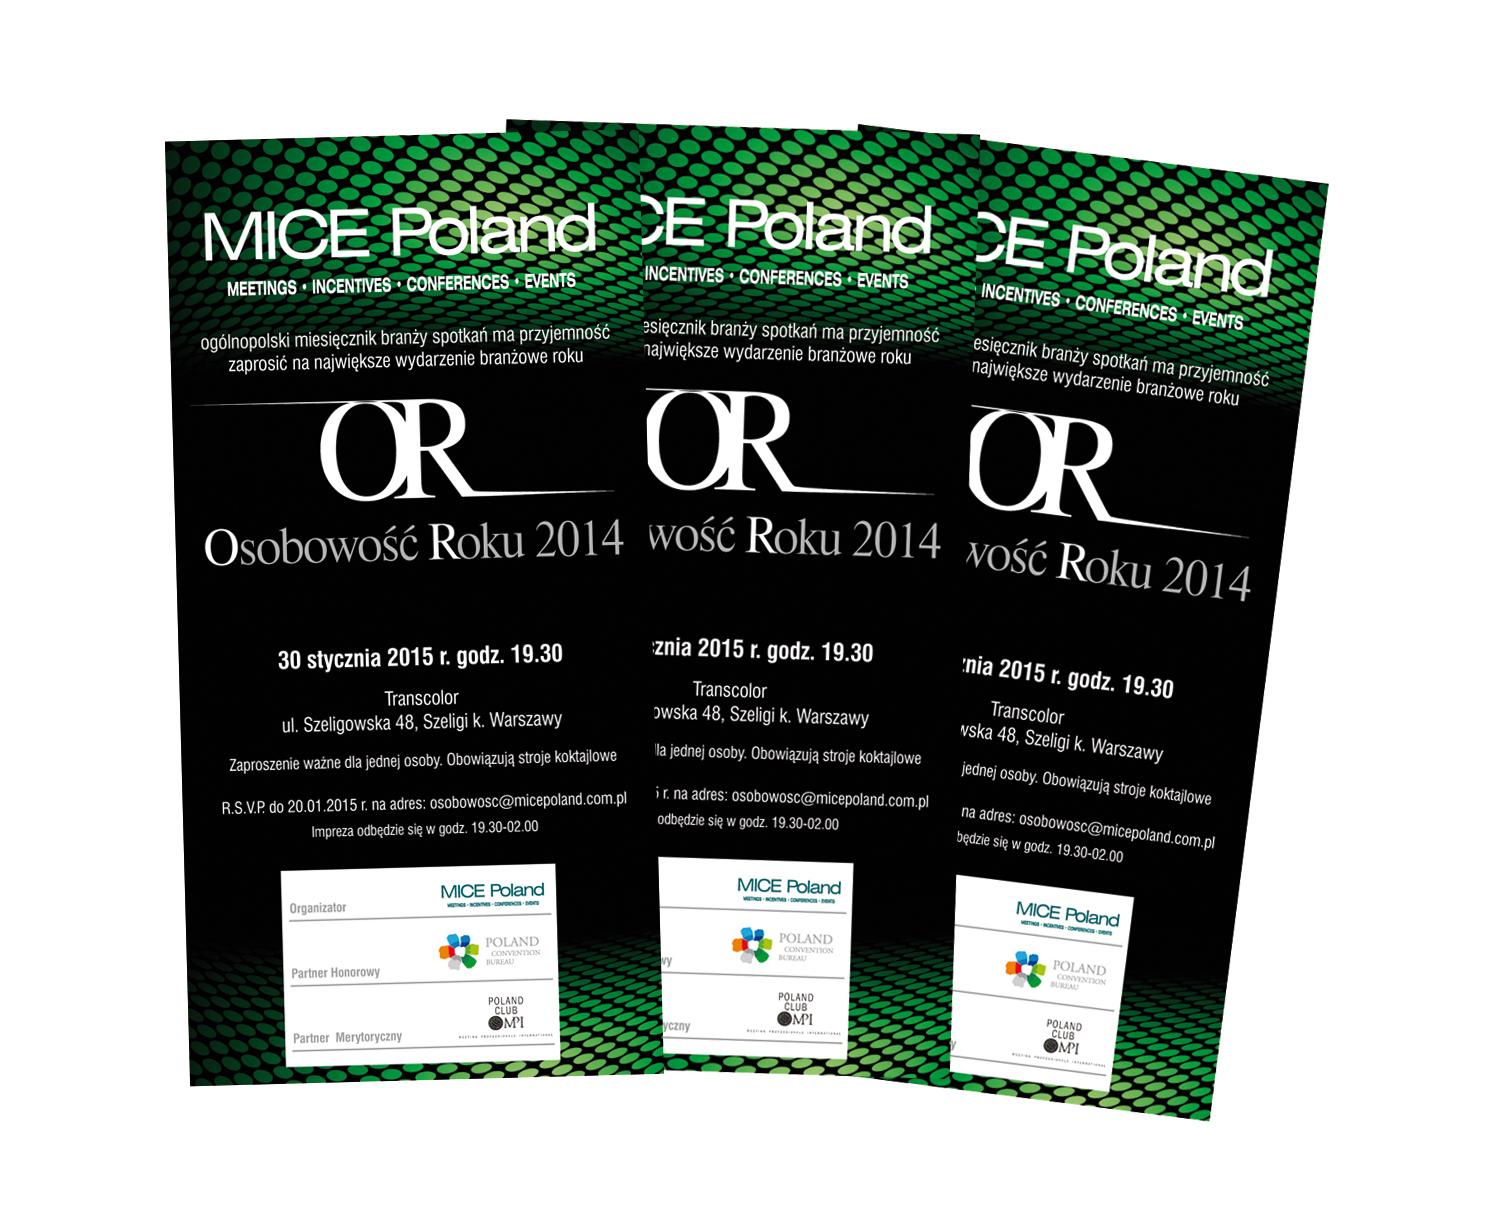 95e09bebc7e Ostatnie 30 minut - wylicytuj podwójne zaproszenie na Galę OR MICE Poland